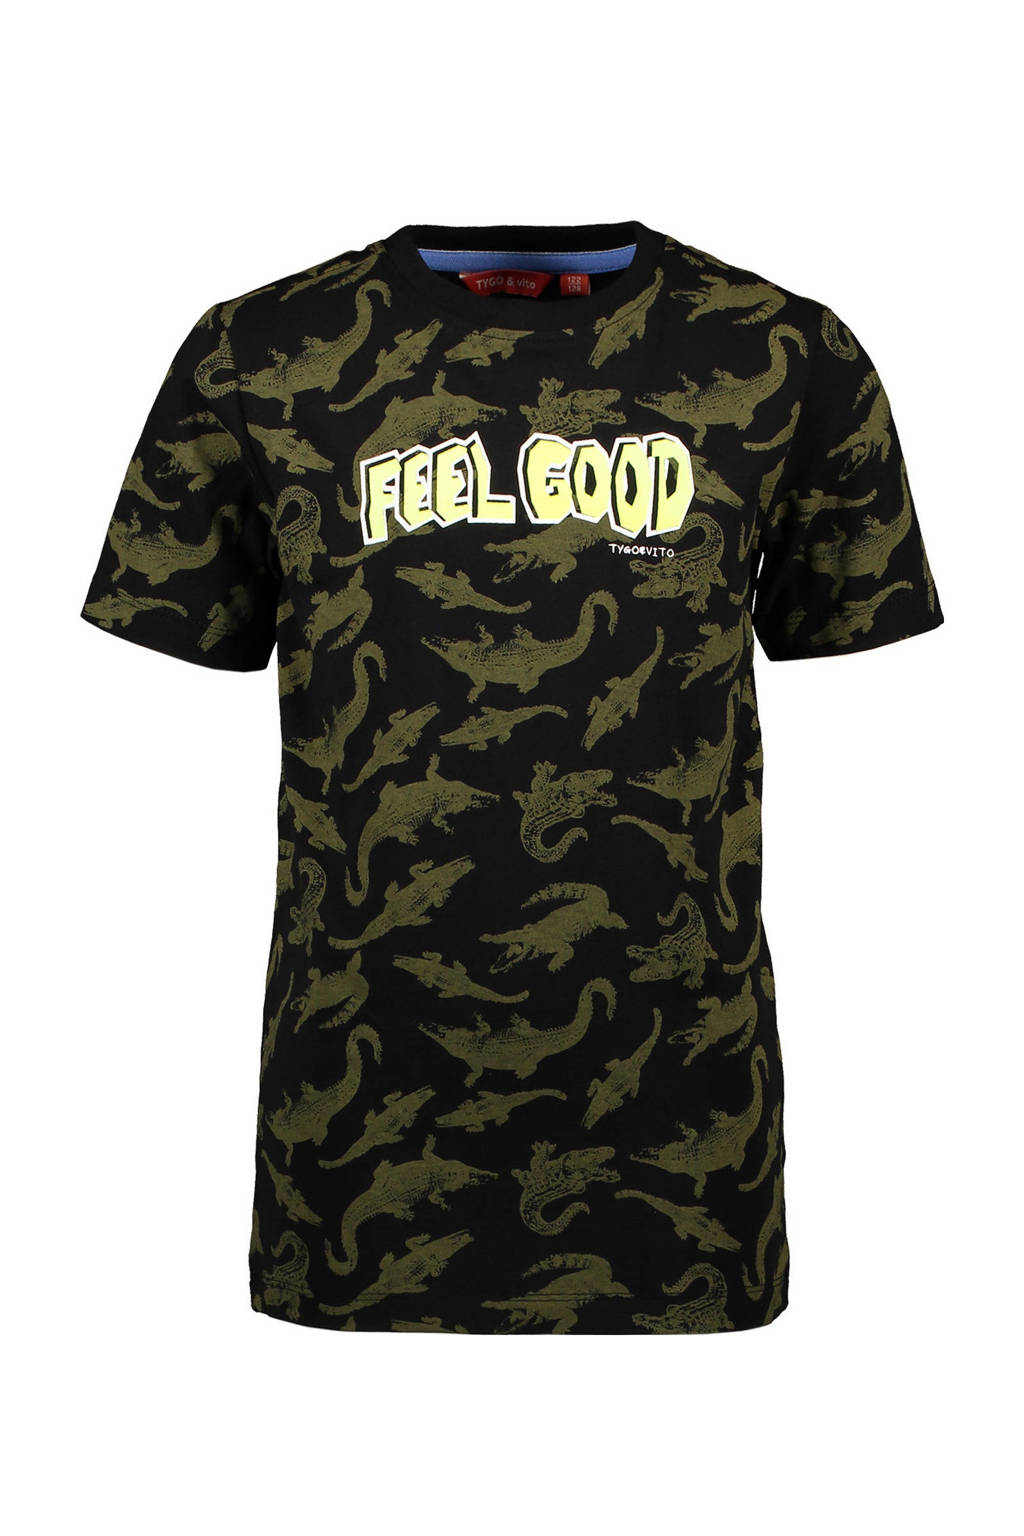 TYGO & vito T-shirt met all over print zwart/donkergroen/lichtgeel, Zwart.donkergroen/lichtgeel